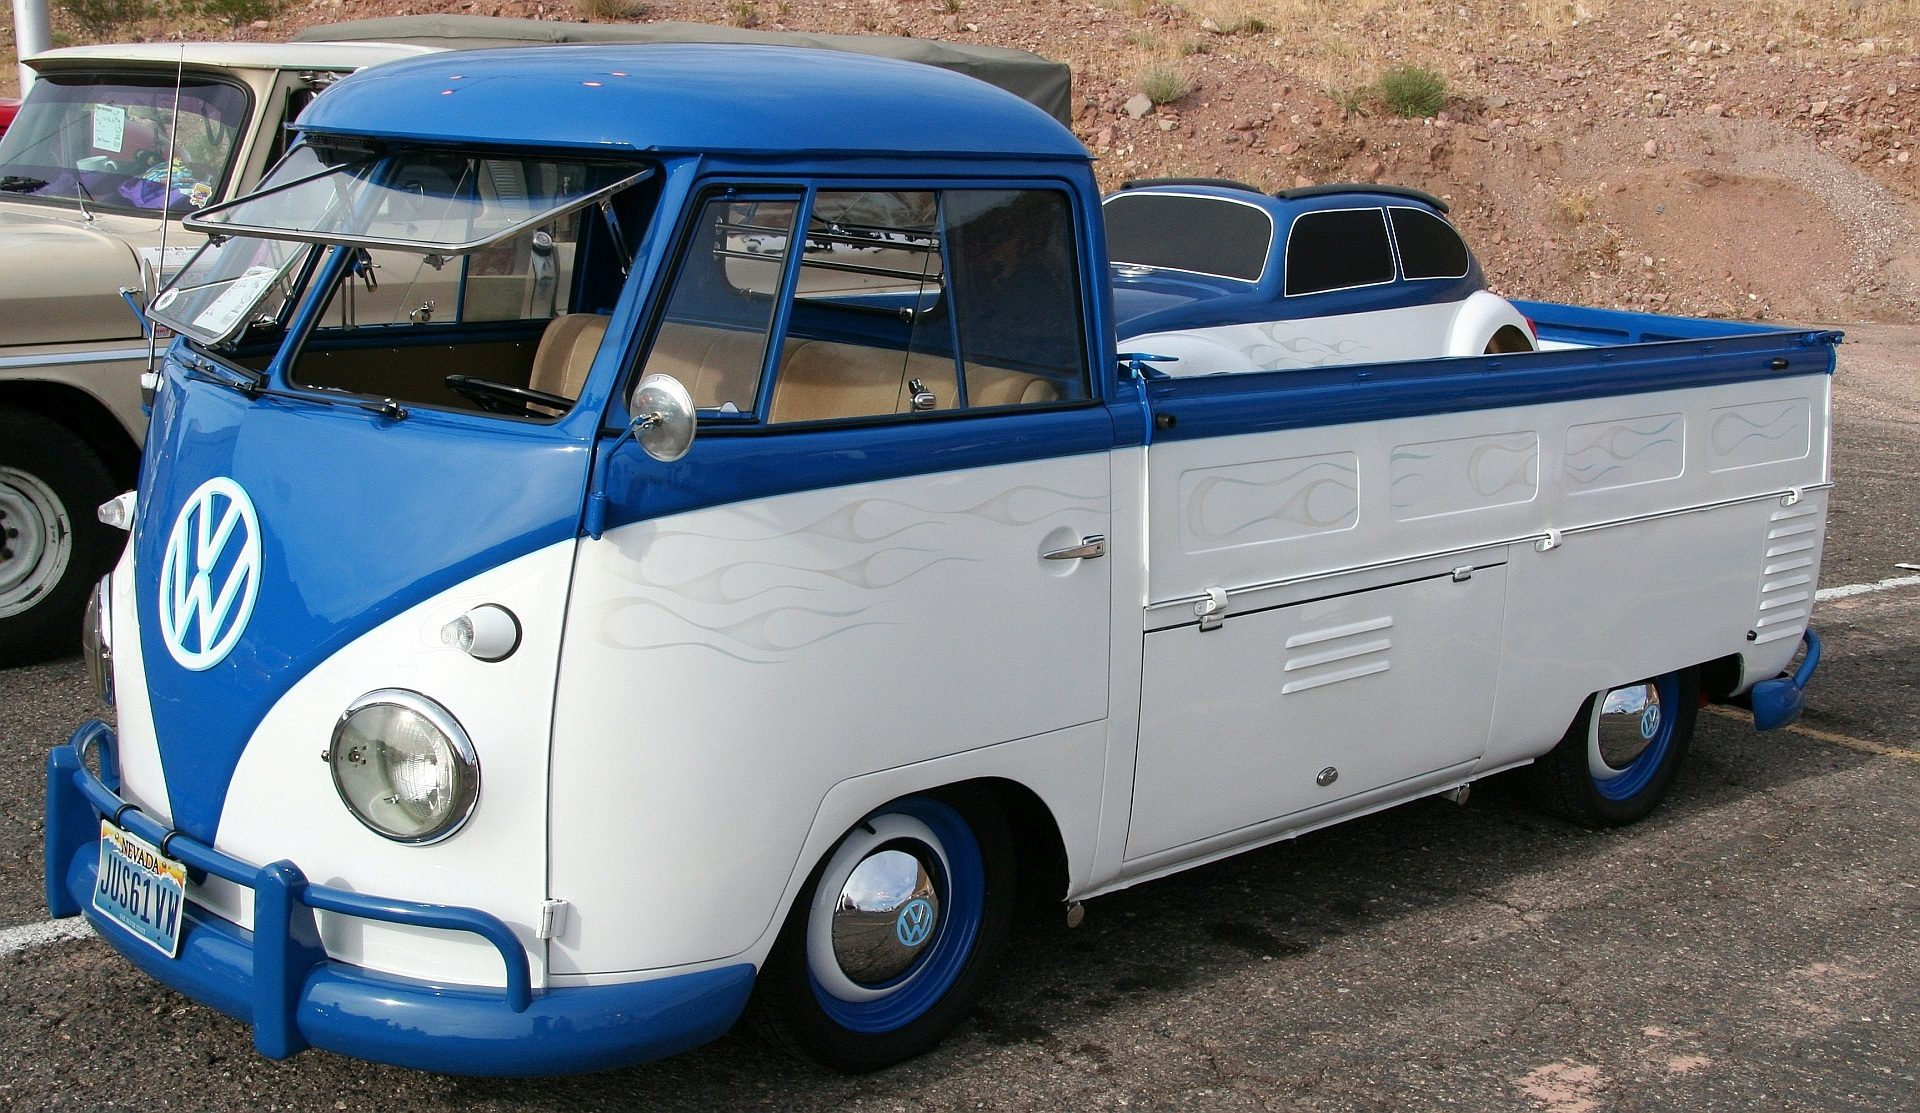 voiture, Van, Classique, vieux, Vintage - Fonds d'écran HD - Professor-falken.com